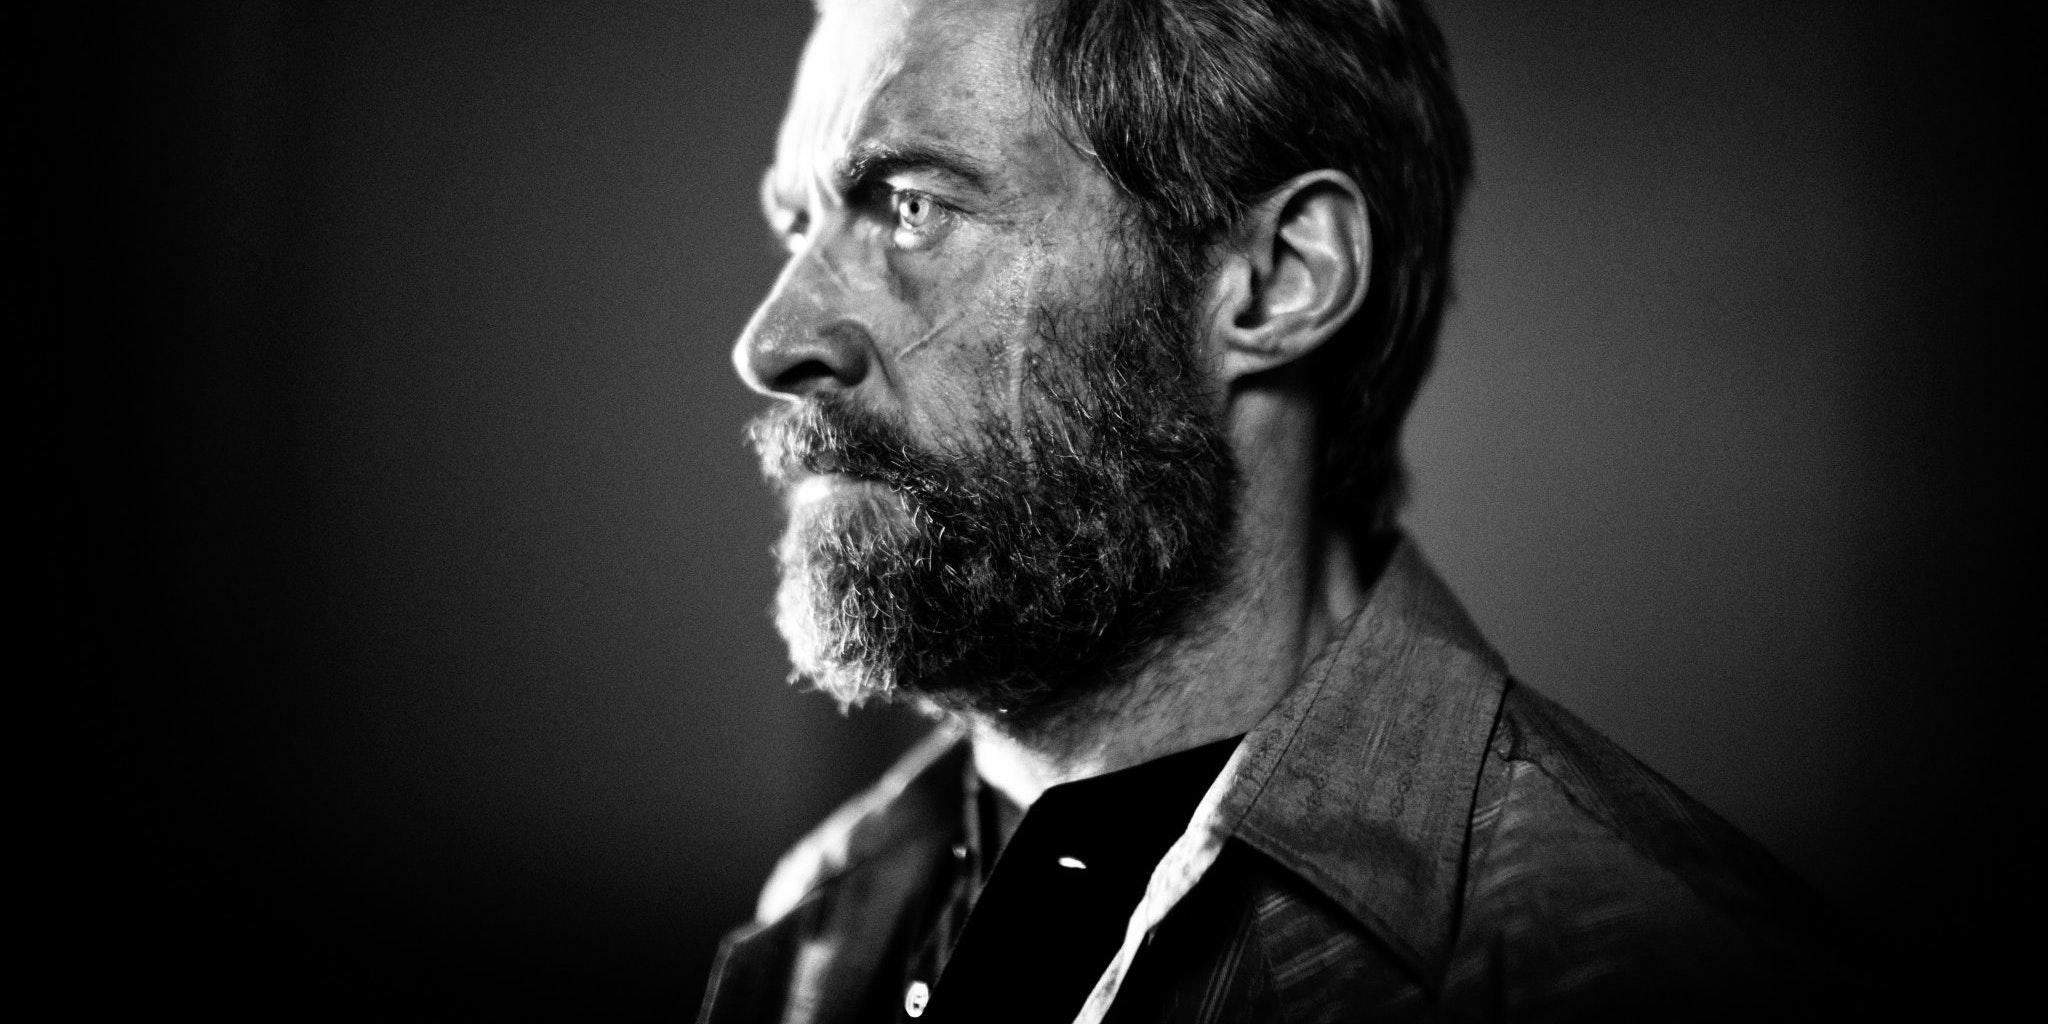 Hugh Jackman Old Man Logan